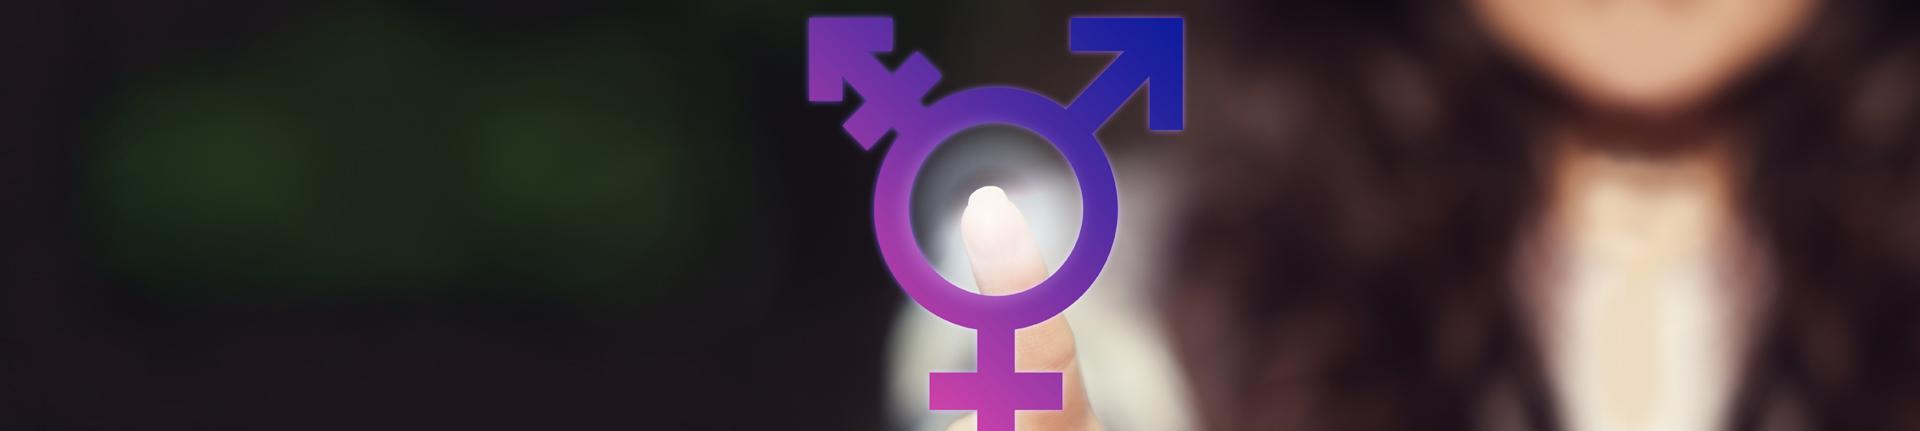 Sexismo no dia a dia: será que você é sexista?